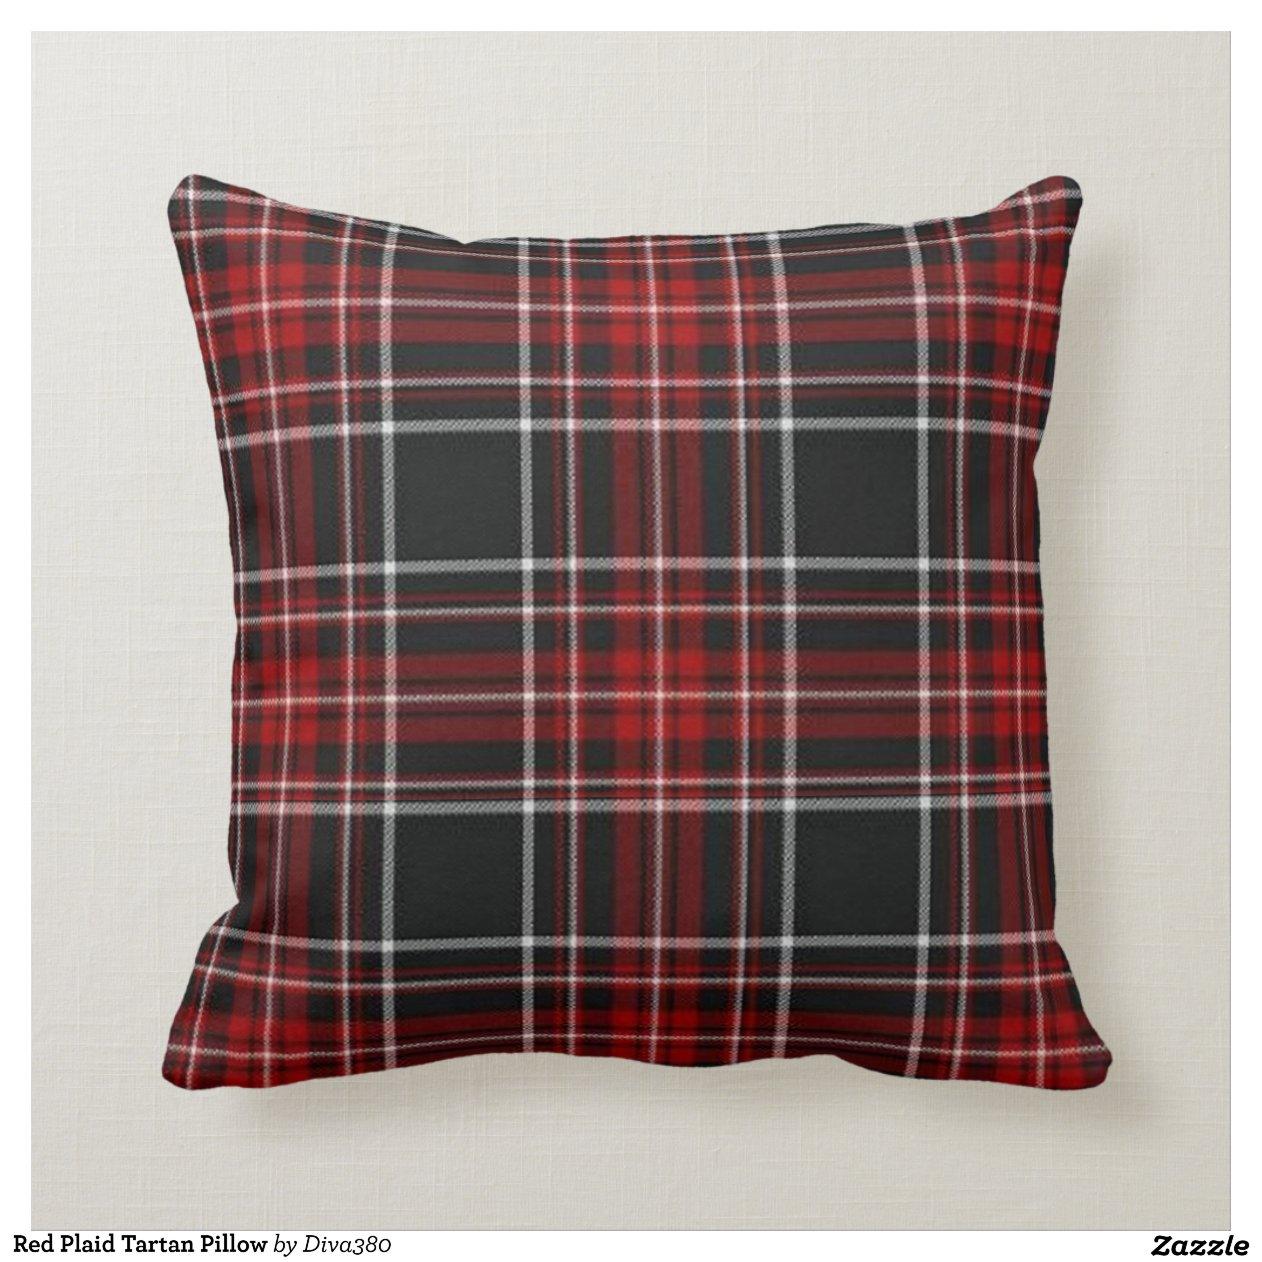 Red Plaid Tartan Pillow-r1e76cb01b18140a19594b43e3e420da7